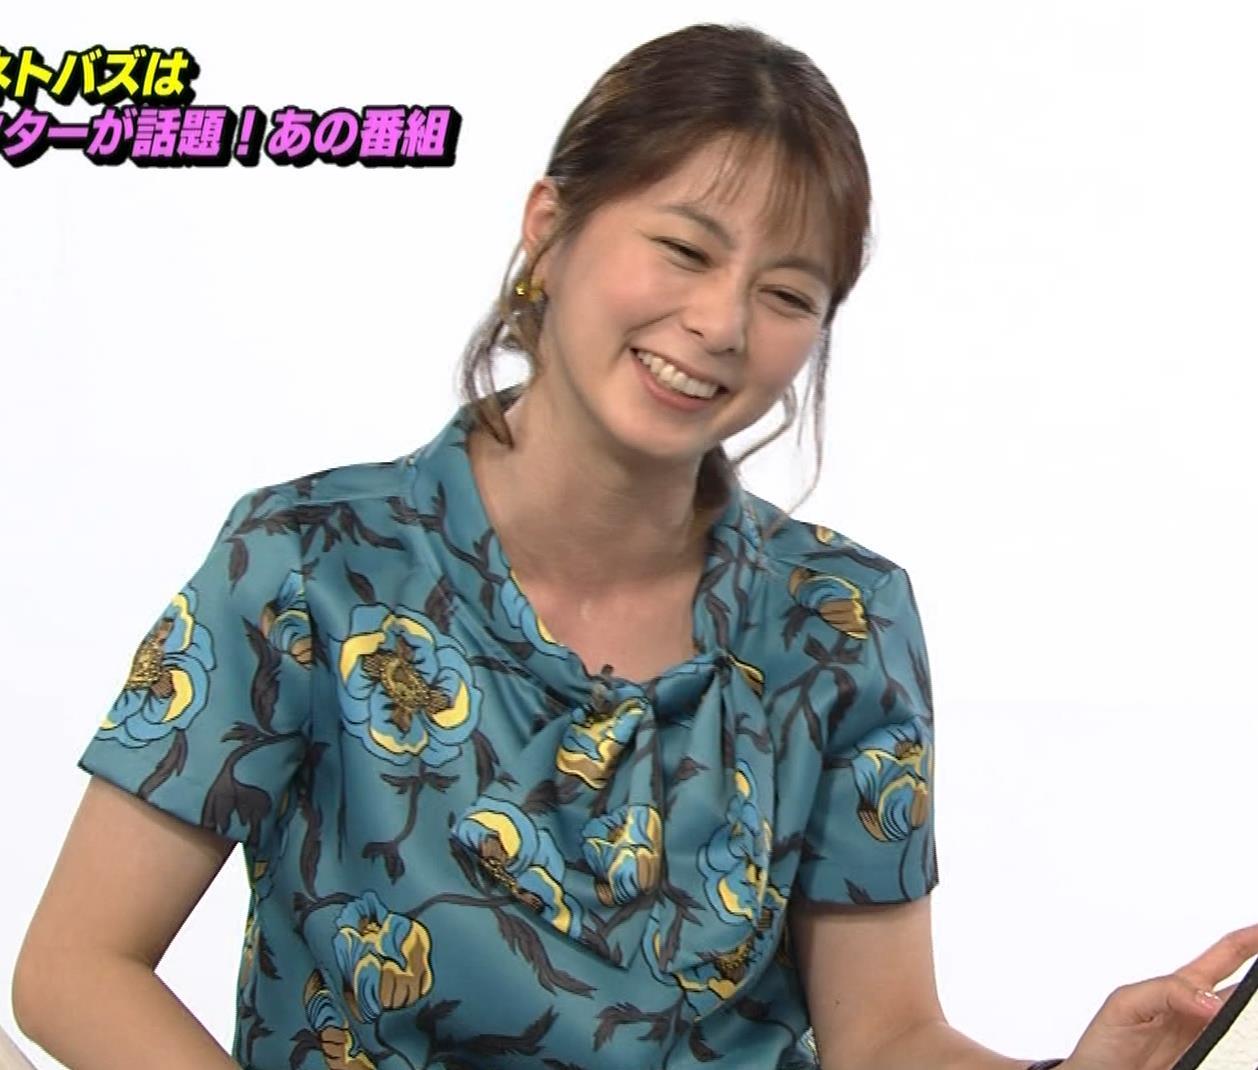 杉浦友紀アナ NET BUZZキャプ・エロ画像2